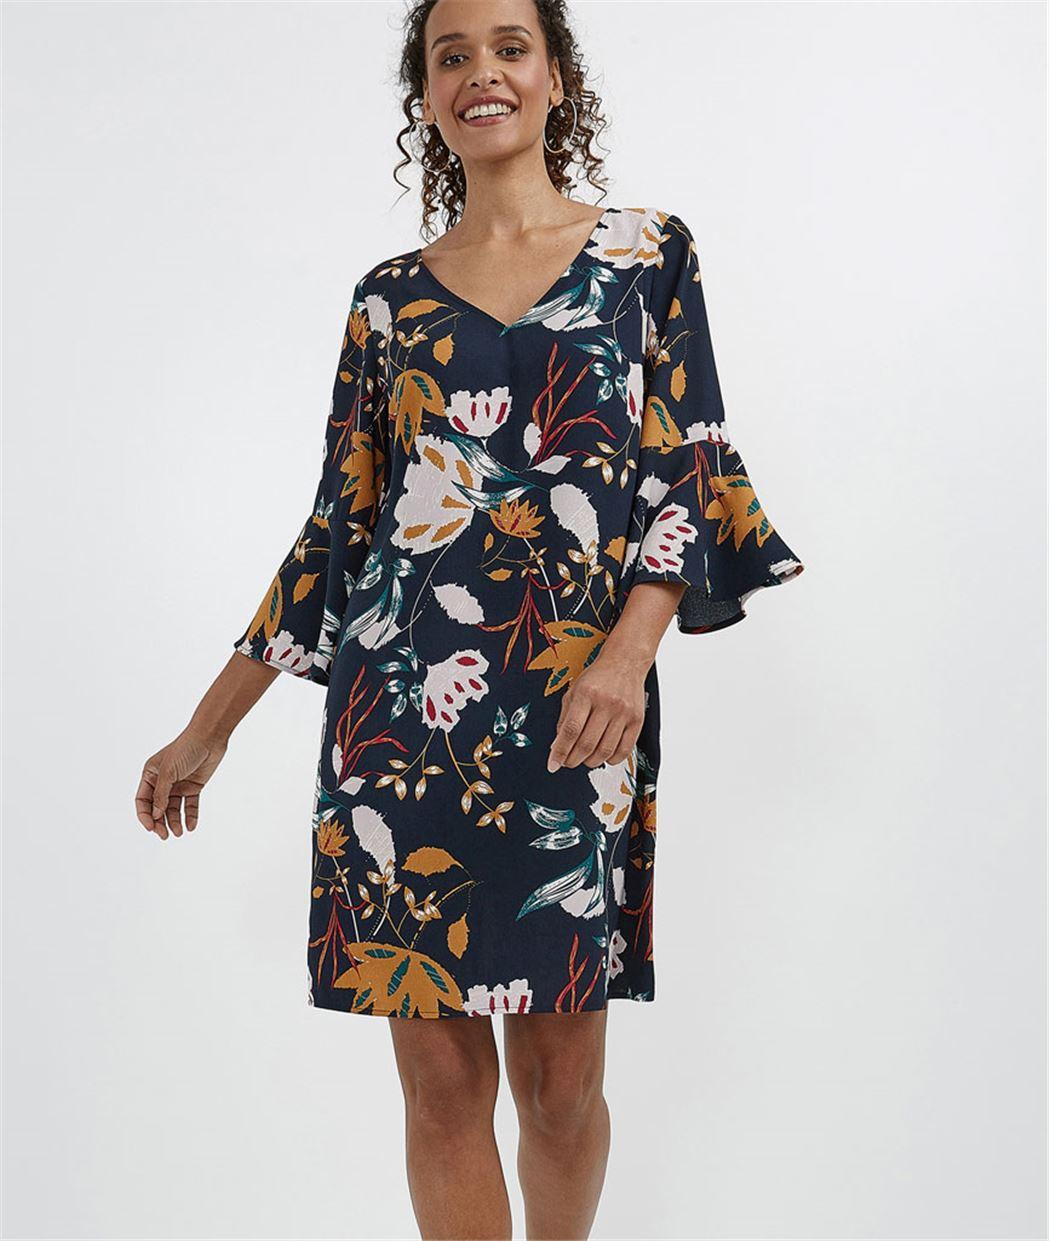 Robe femme imprimée manches volantées MARINE